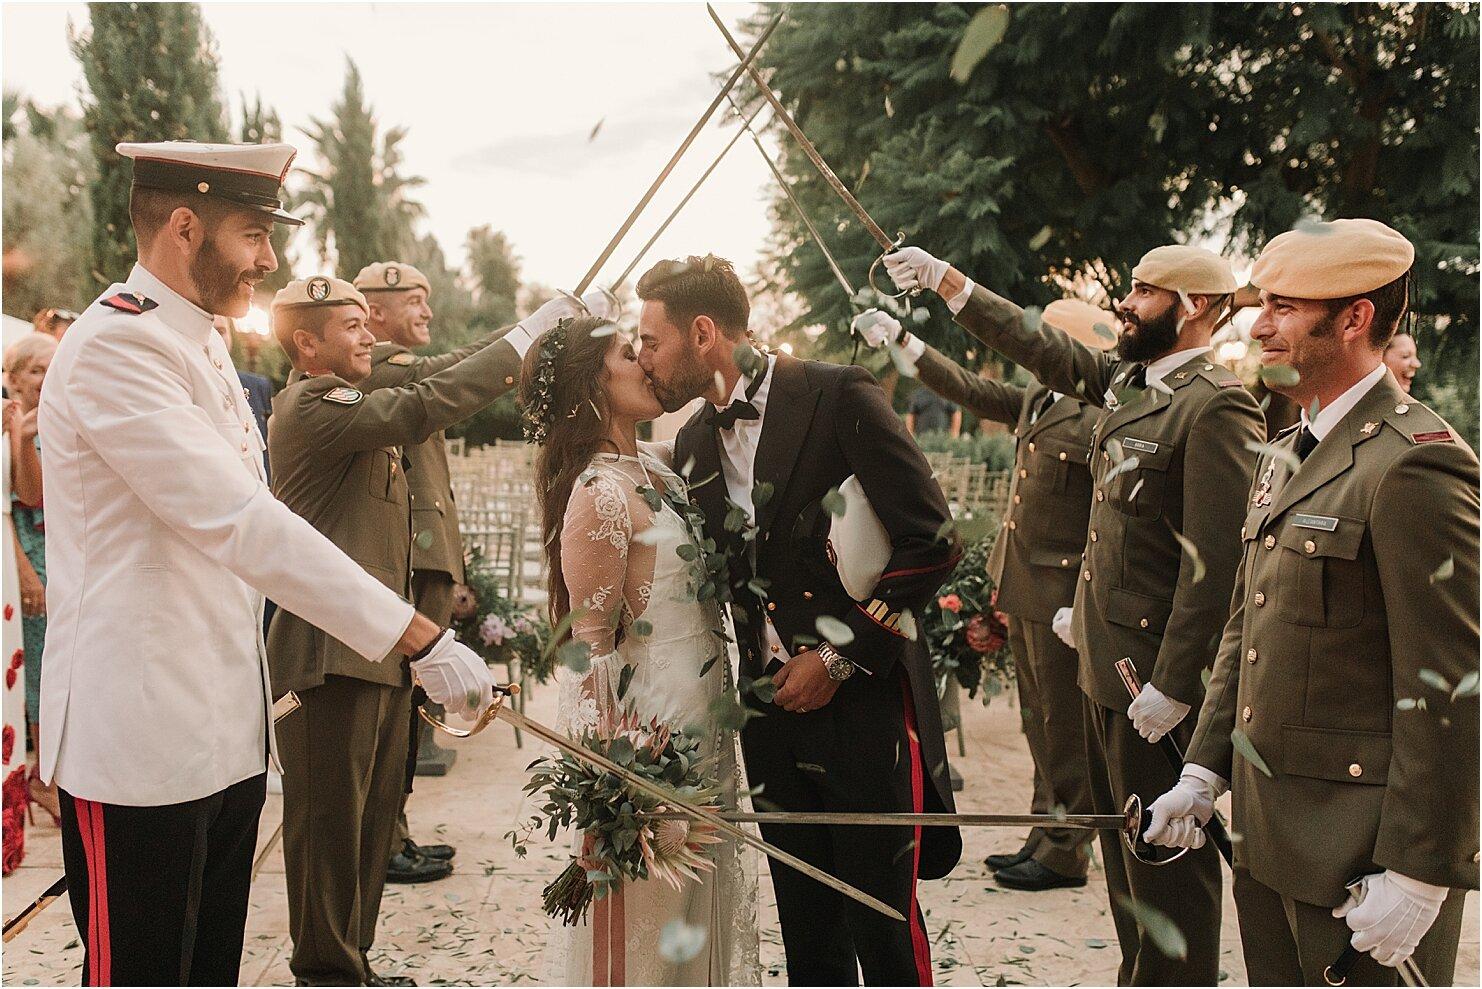 boda-romantica-boda-boho-vestido-de-novia-laura-lomas42.jpg